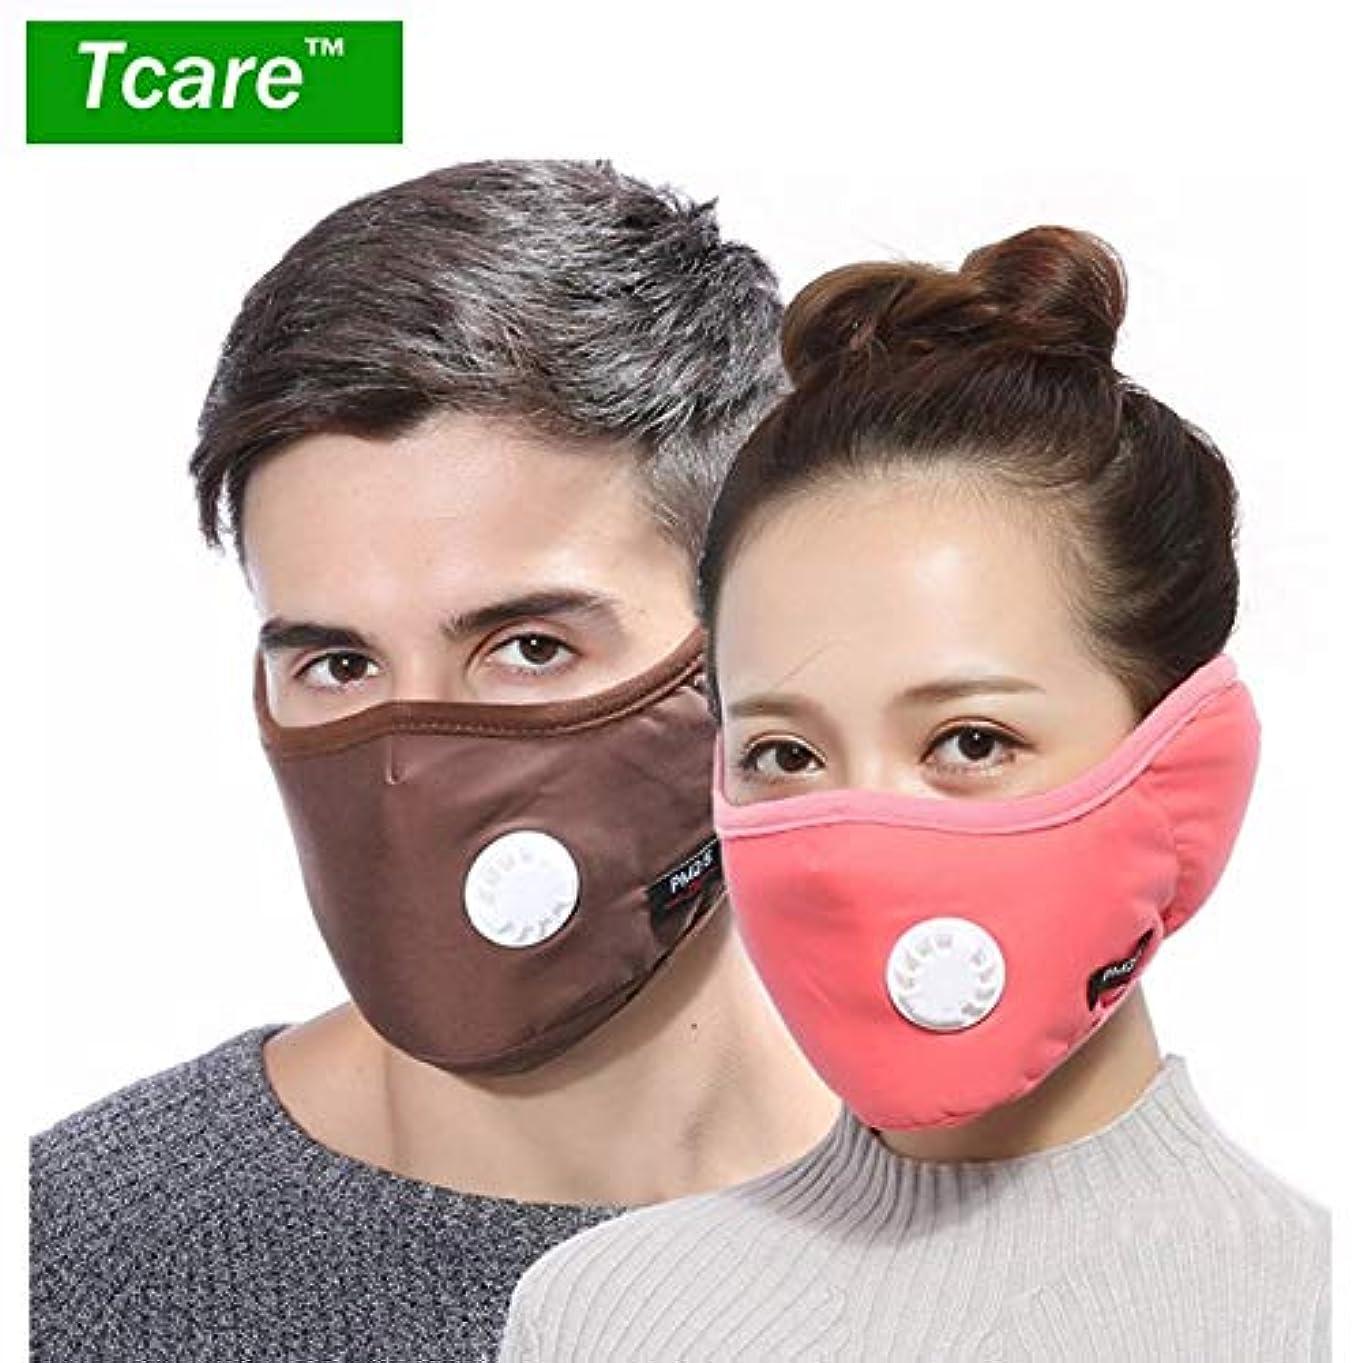 共和党評価可能シャーTcare 2 1におけるPM2.5マスクバルブコットンアンチダスト口マスクの冬のイヤーマフActtedフィルター付マスク:9アーミーグリーン